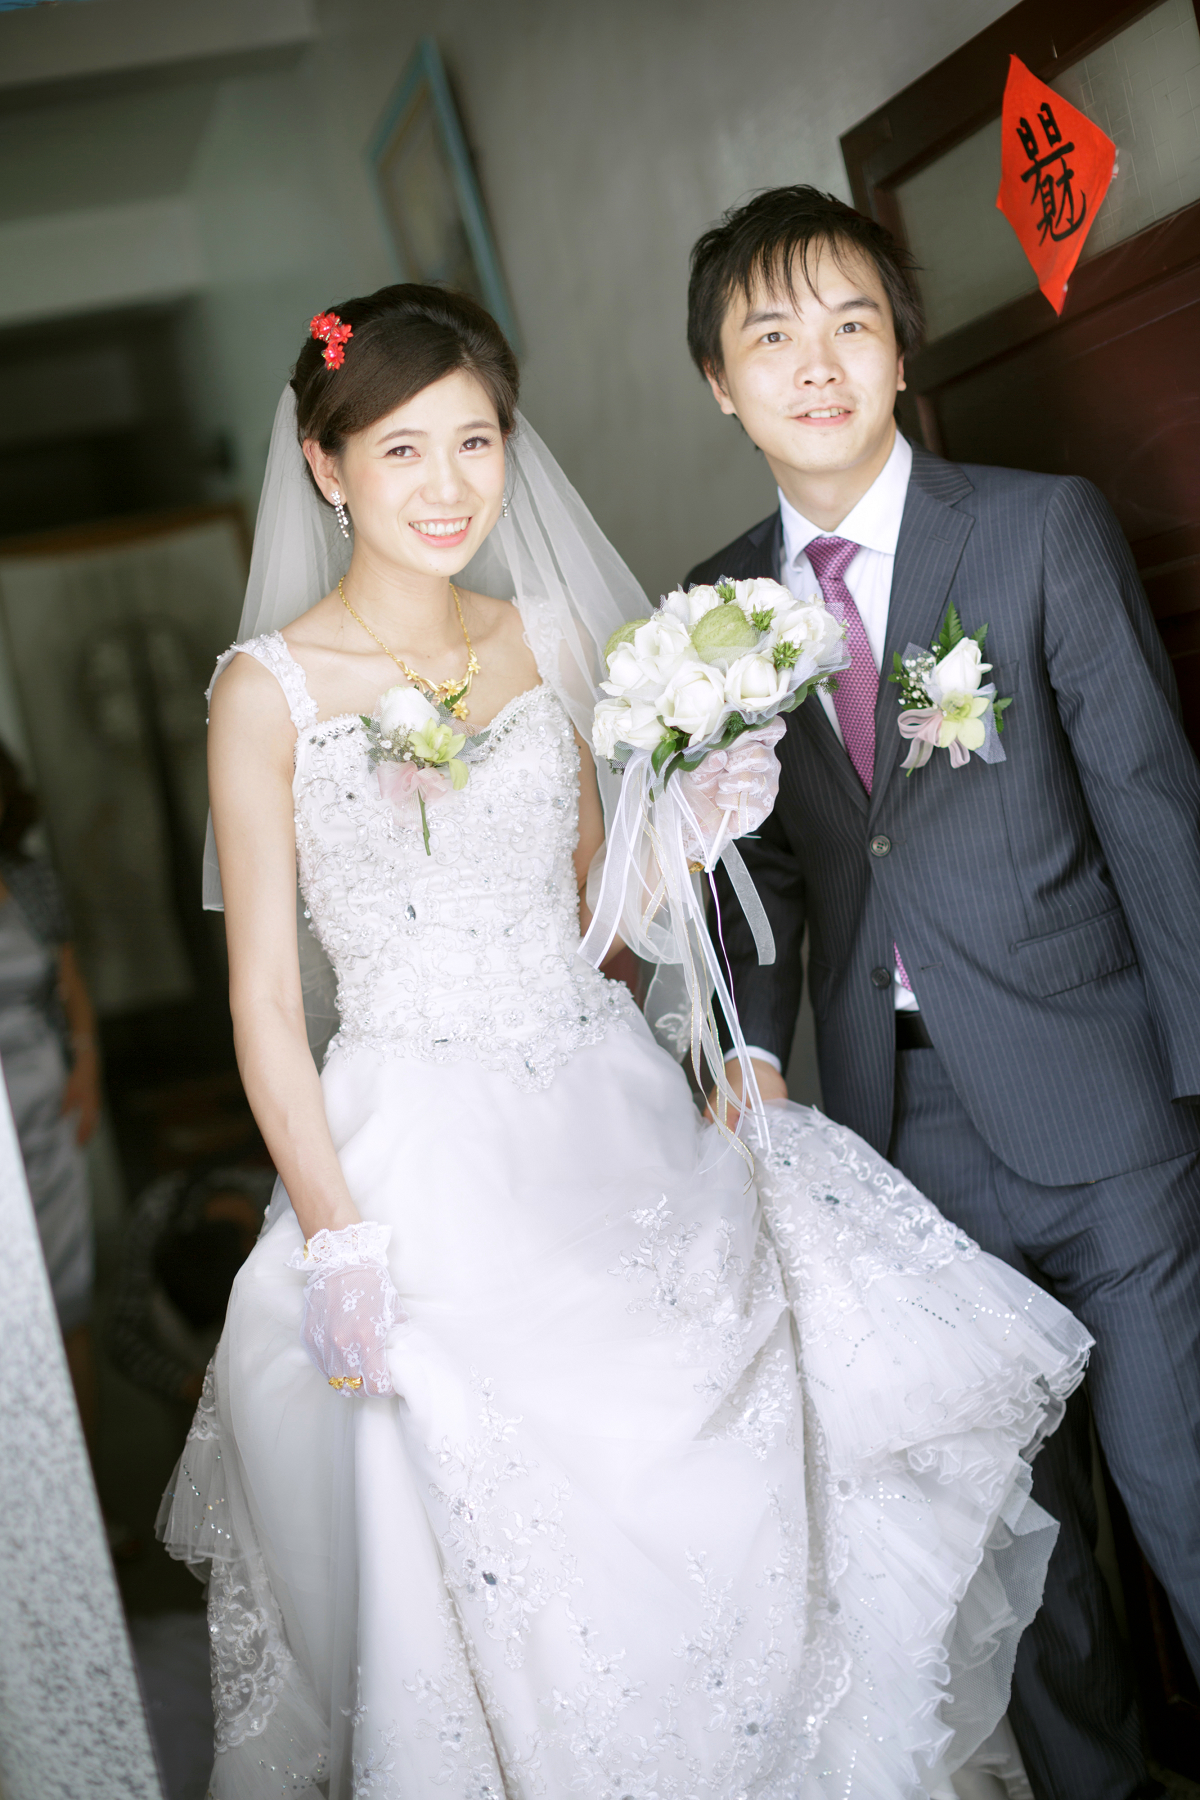 璿丞&馥瑄 Wedding